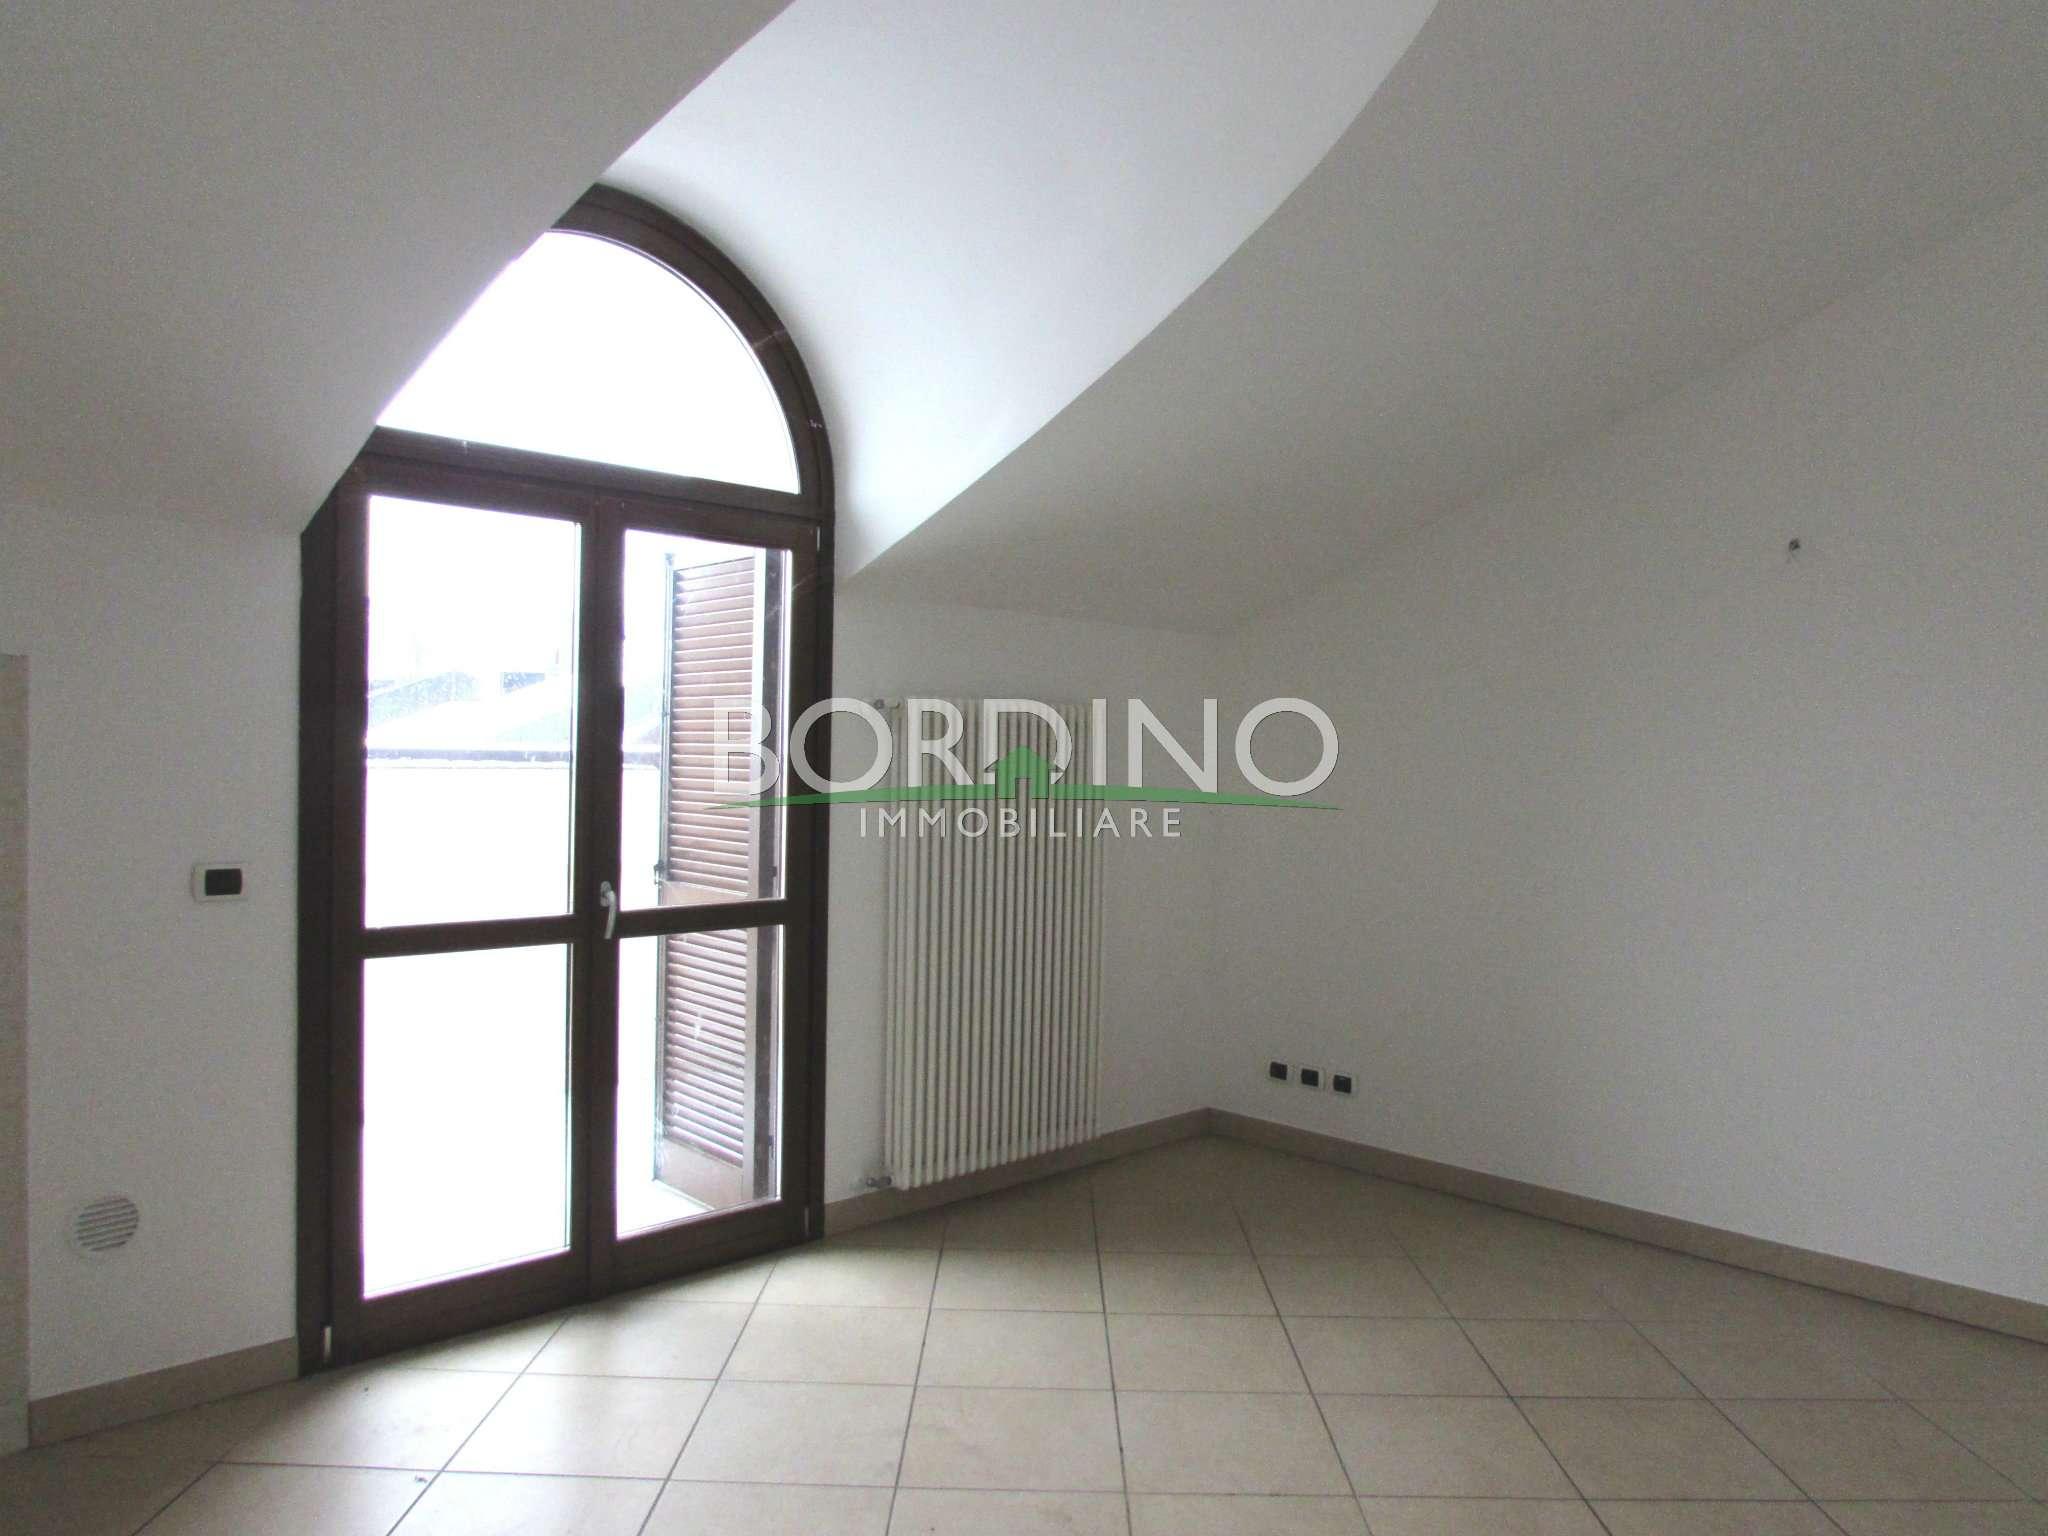 Appartamento in affitto a Magliano Alfieri, 3 locali, prezzo € 450 | CambioCasa.it